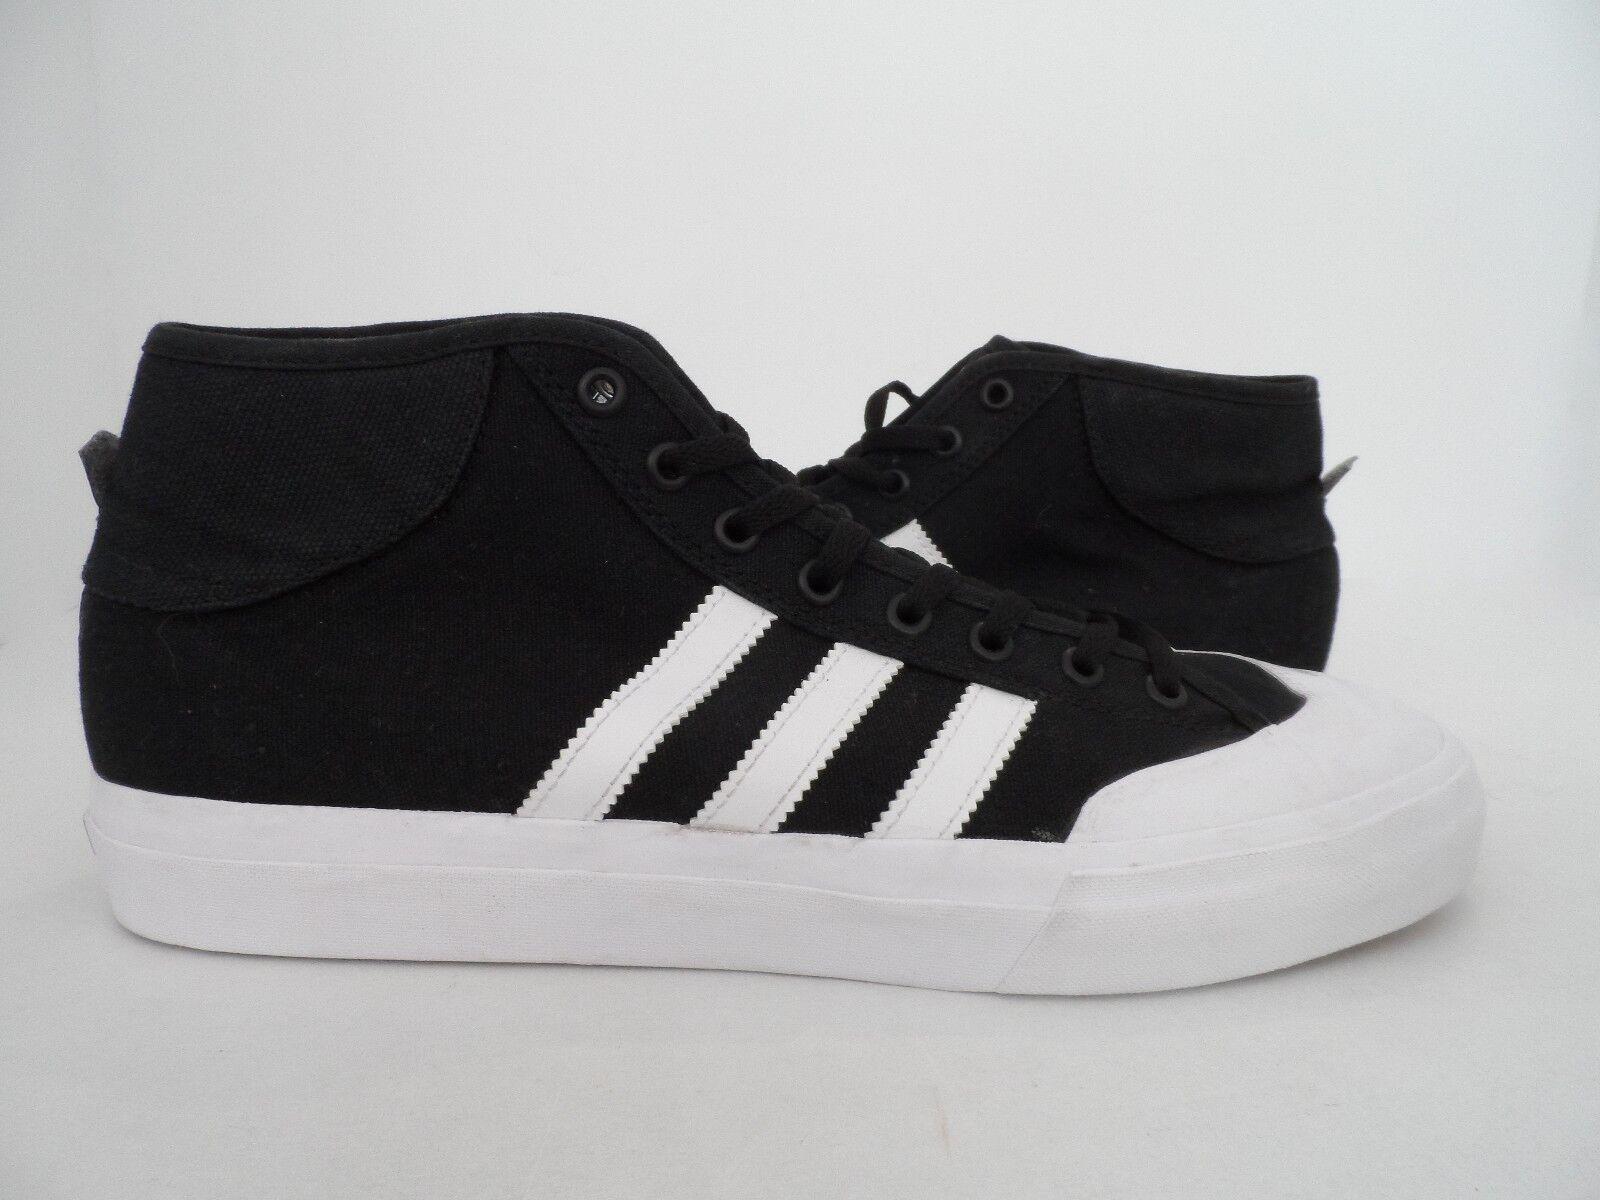 adidas Férfi Méretezési Központ Mid Skateboarding Cipők Fekete / Felhő Fehér Méret 11